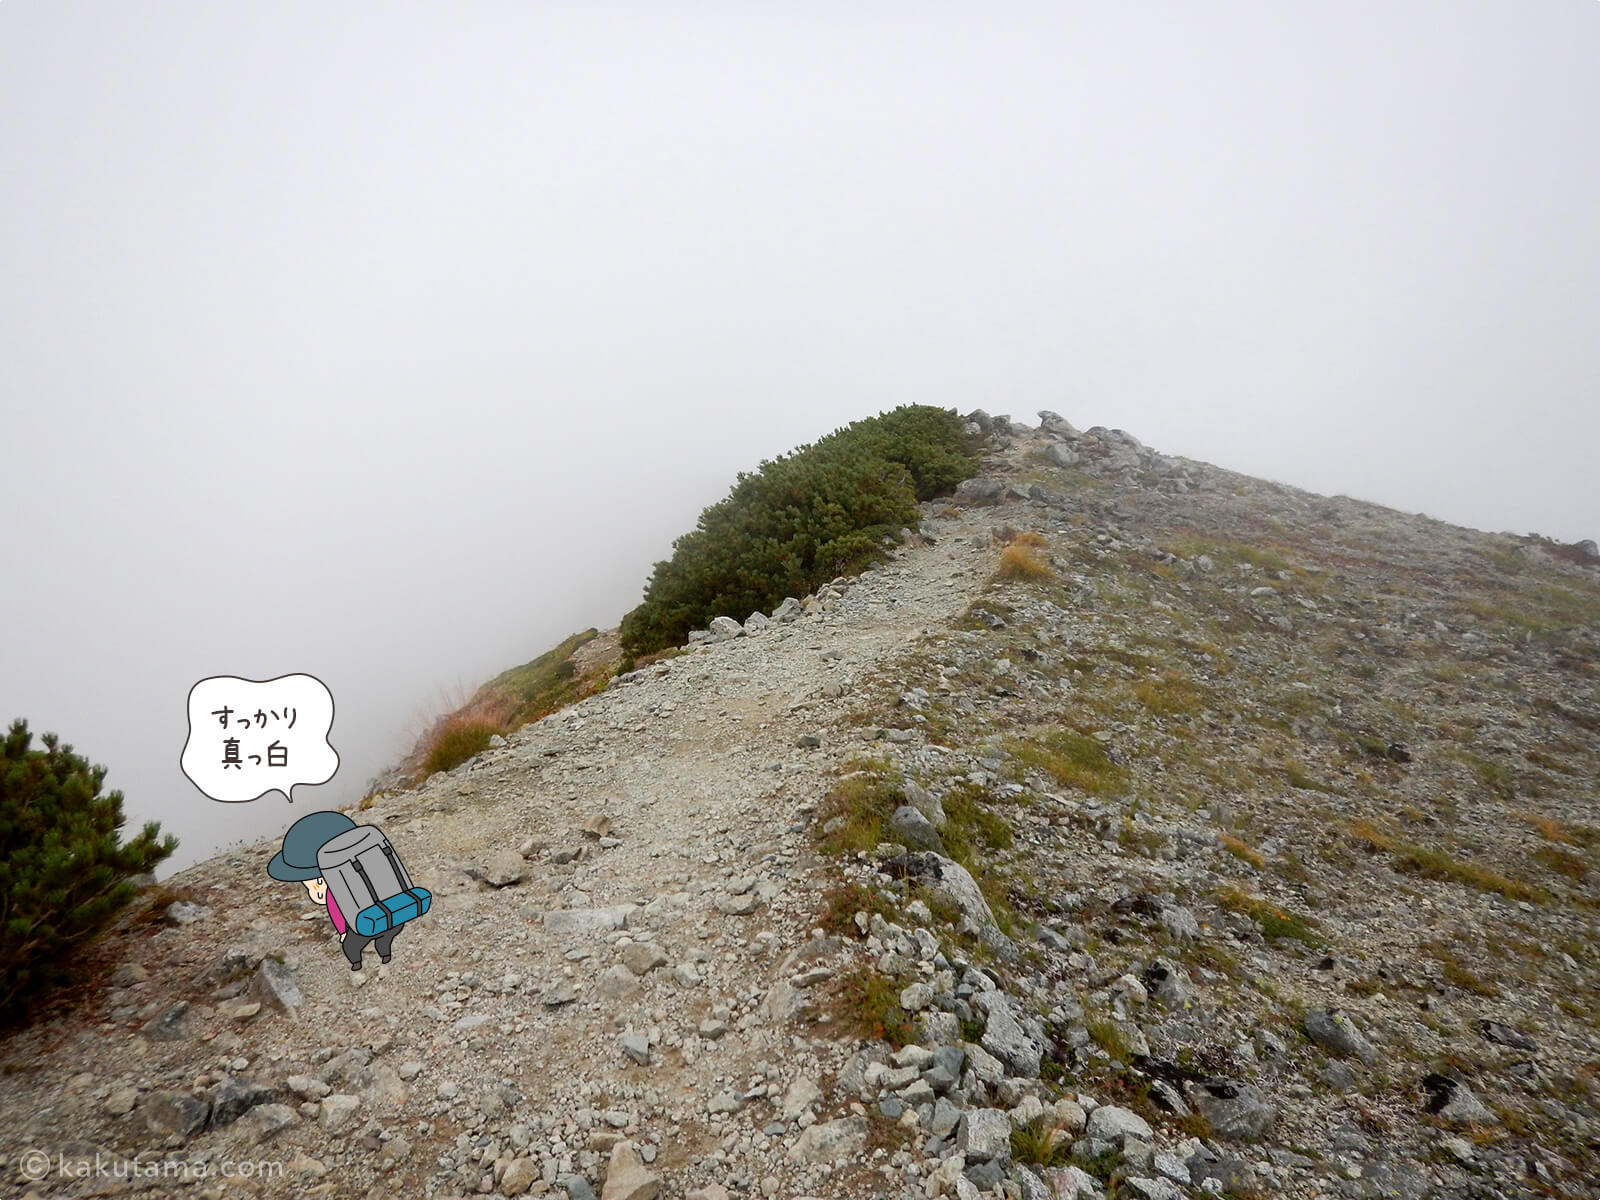 ガスった水晶岳から水晶小屋までの登山道1